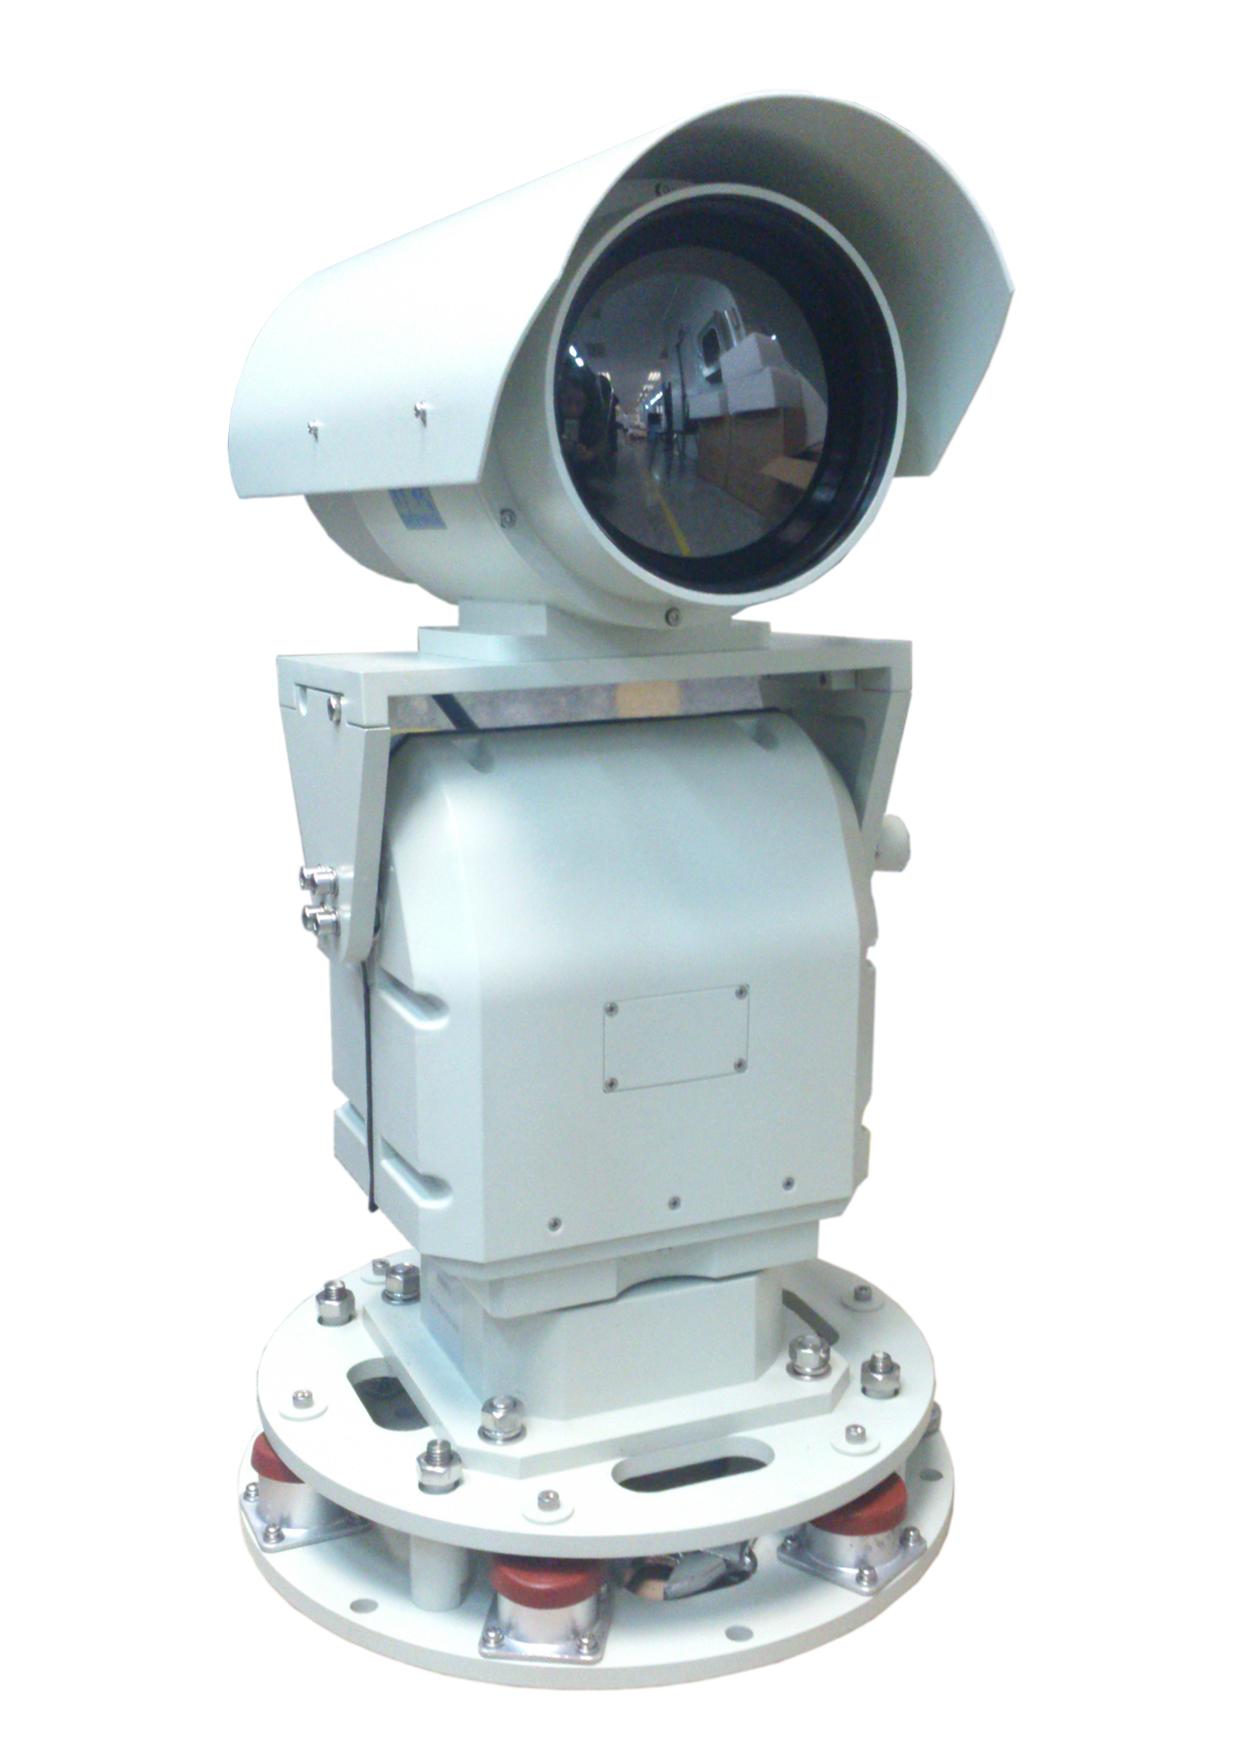 FS-UR165Middle range thermal imaging camera